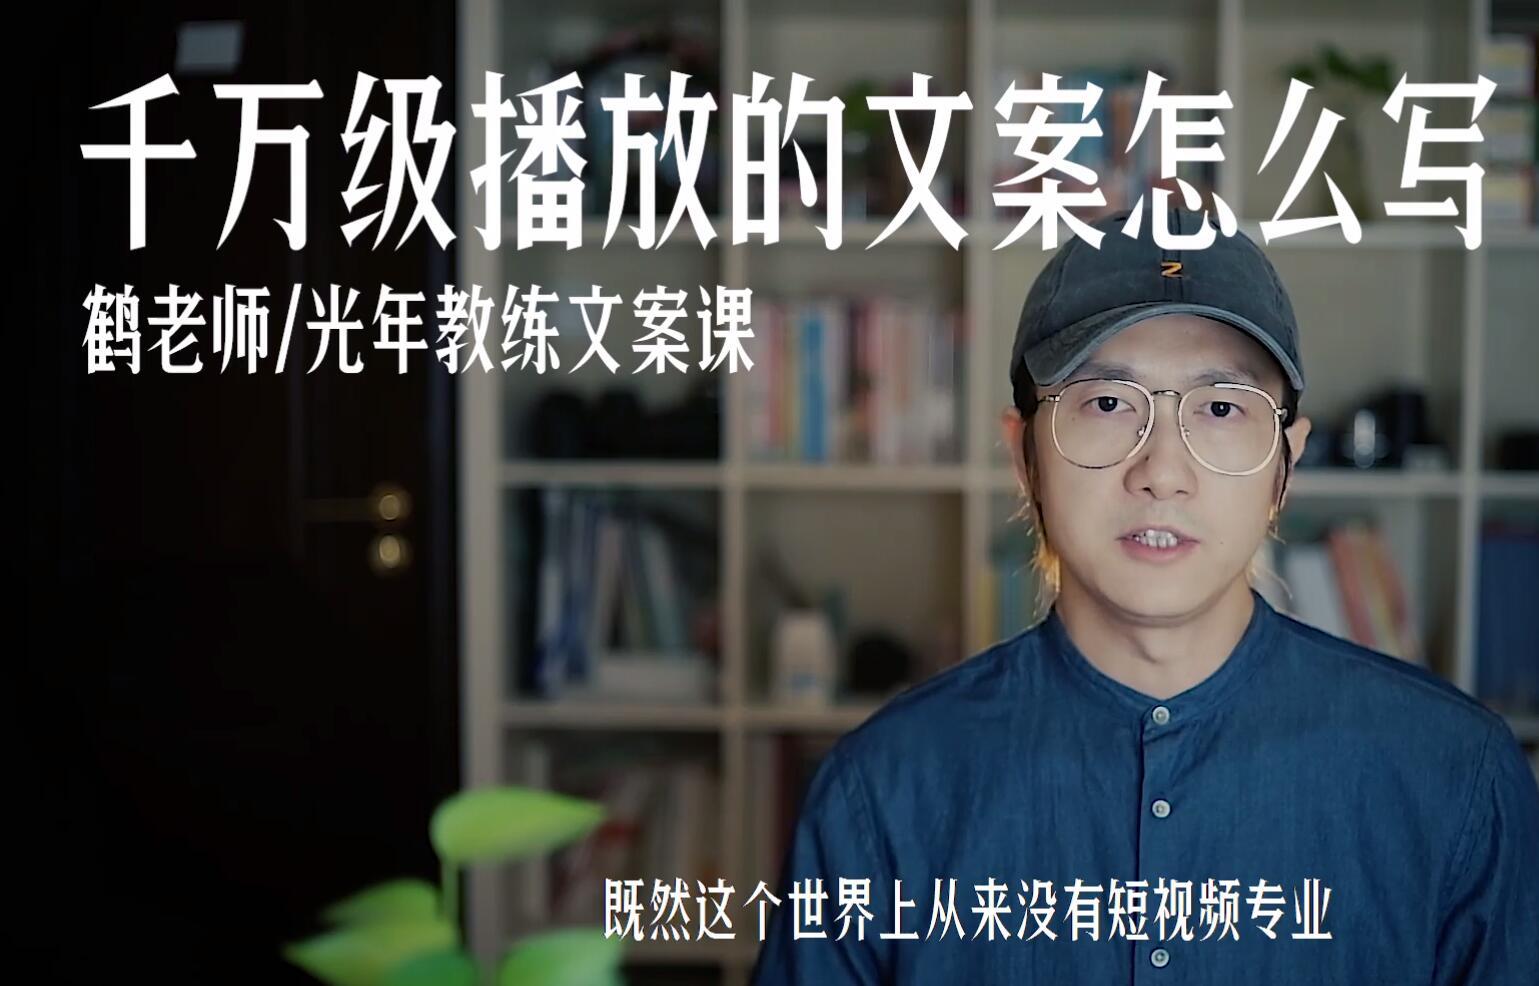 鹤老师《短视频文案的超出与秒杀》